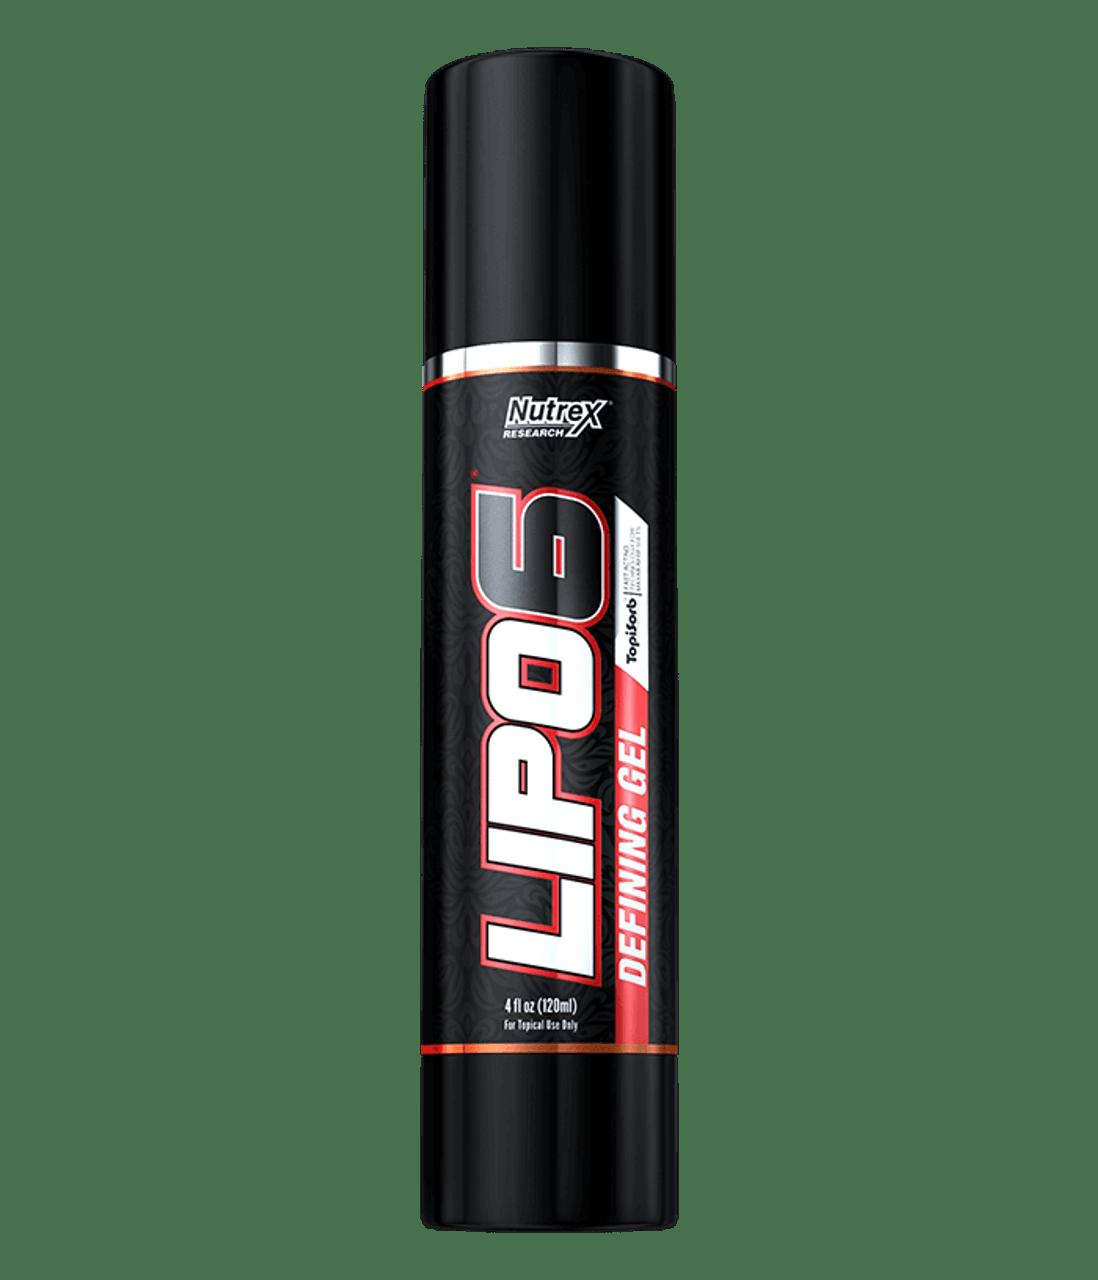 Nutrex Lipo 6 Gel